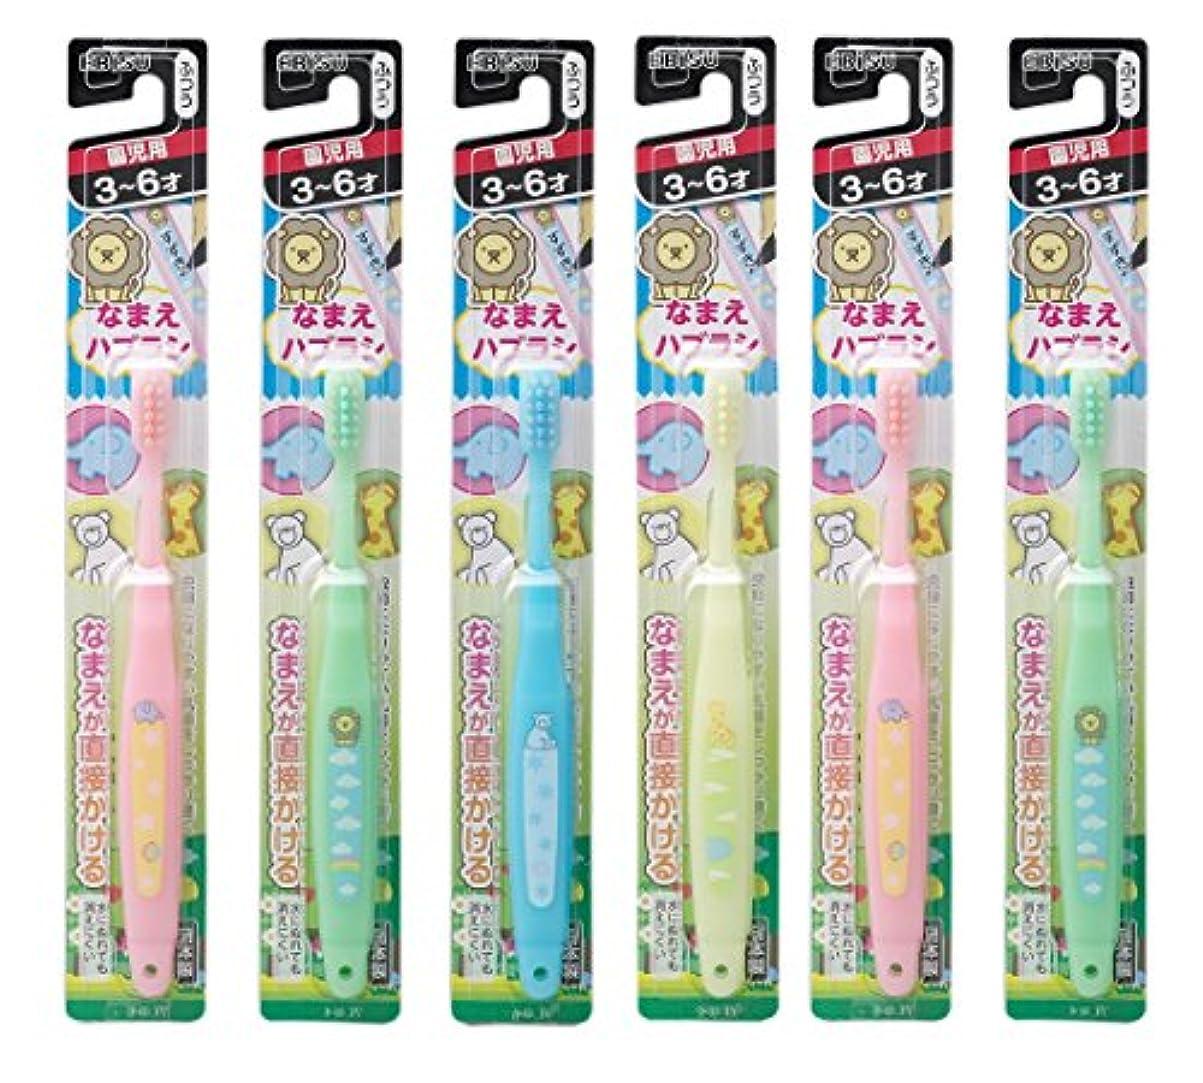 手段誇りに思うベックスエビス 歯ブラシ なまえハブラシ 6本組(色おまかせ)